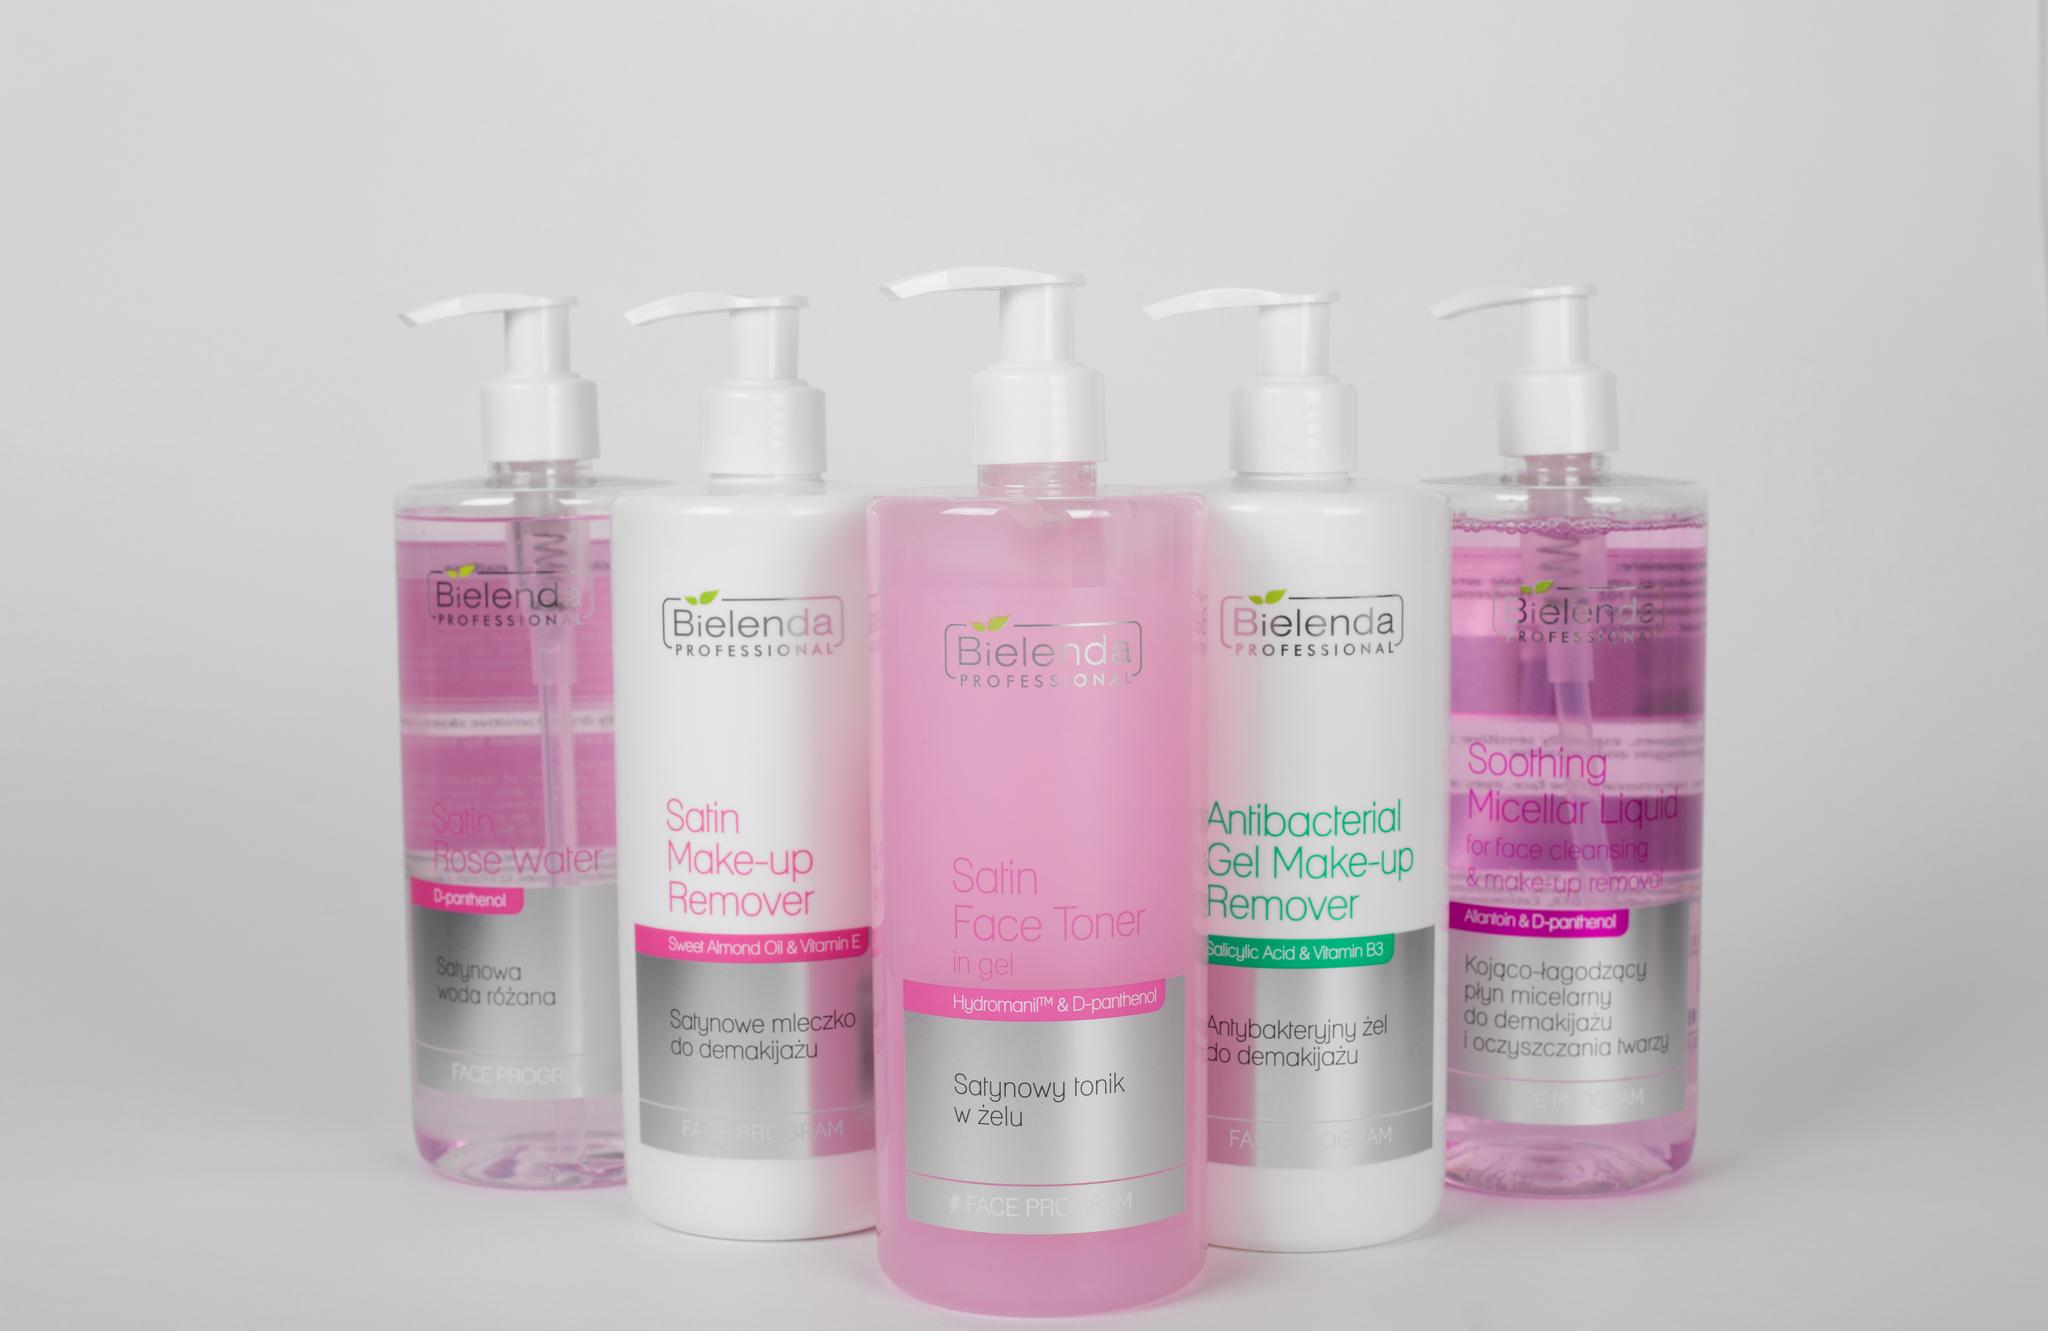 CLEANSING Успокаивающая мицеллярная жидкость для снятия макияжа и очищения лица, 500 мл.